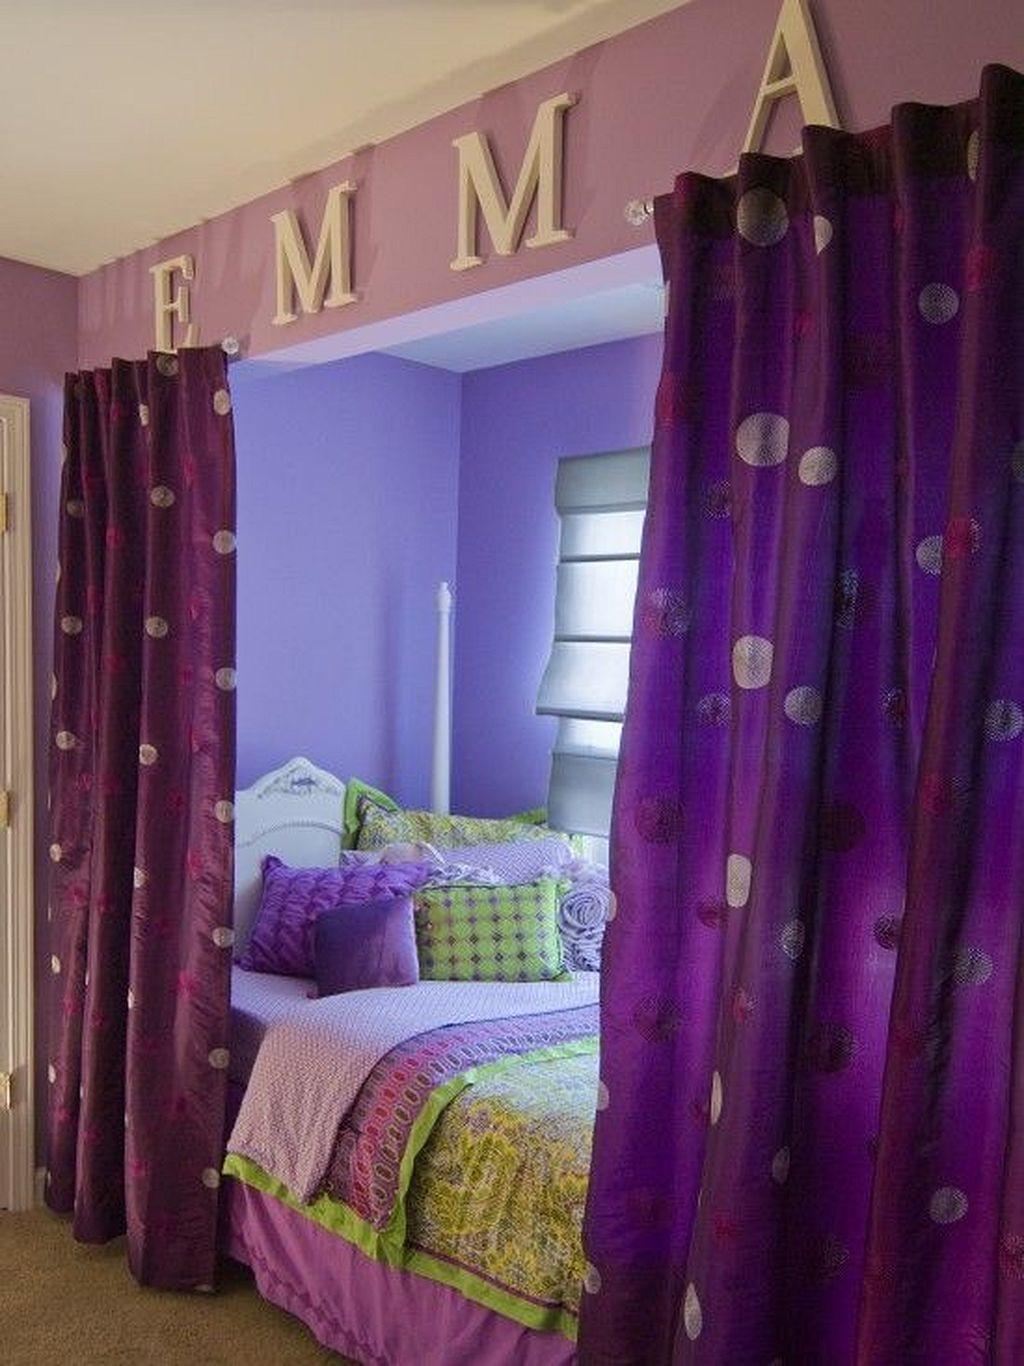 stunning purple bedroom design ideas purplebedroom teenage girl room remodel bedroom kid on cute lights for bedroom decorating ideas id=23171